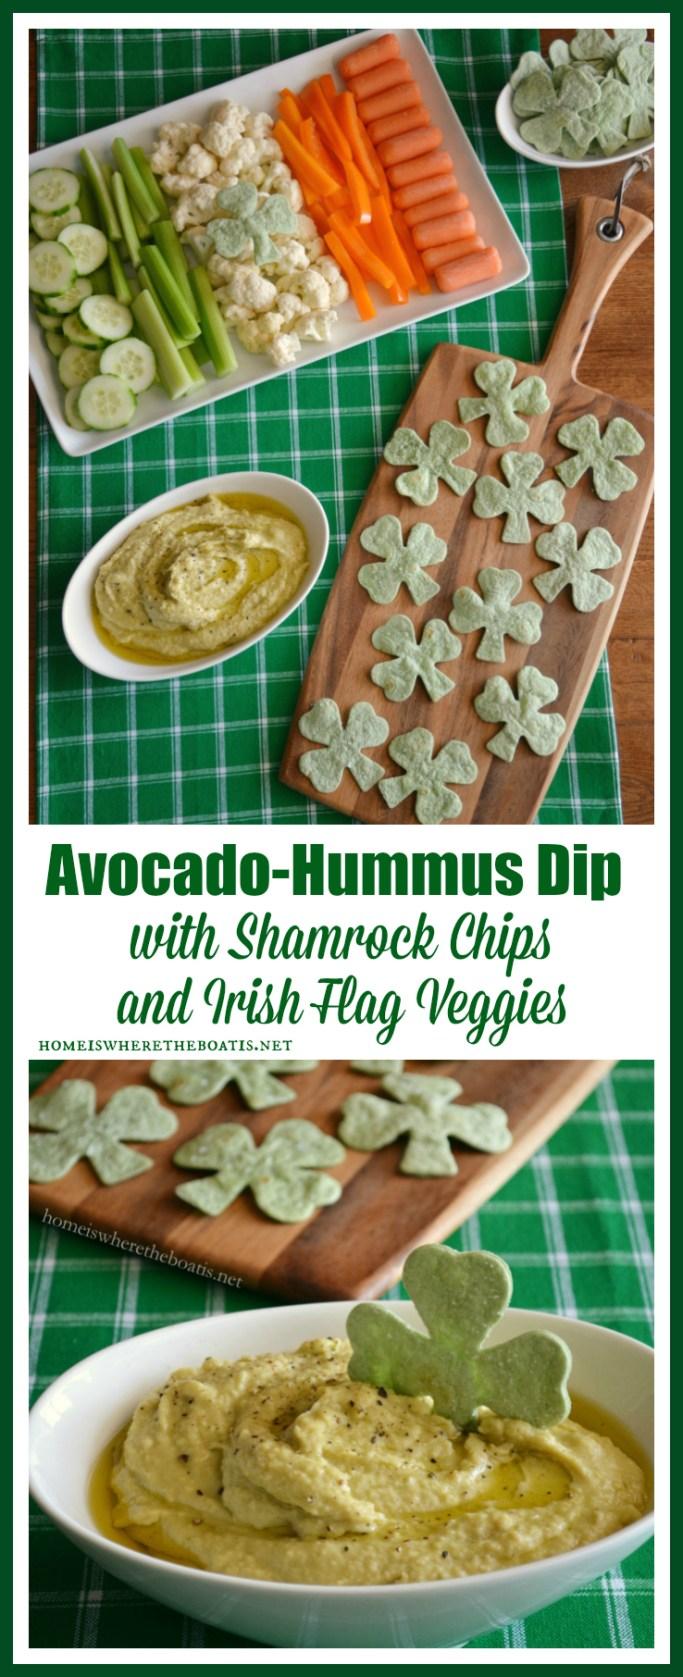 Avocado-Hummus Dip with Shamrock Chips and Irish Flag Veggies